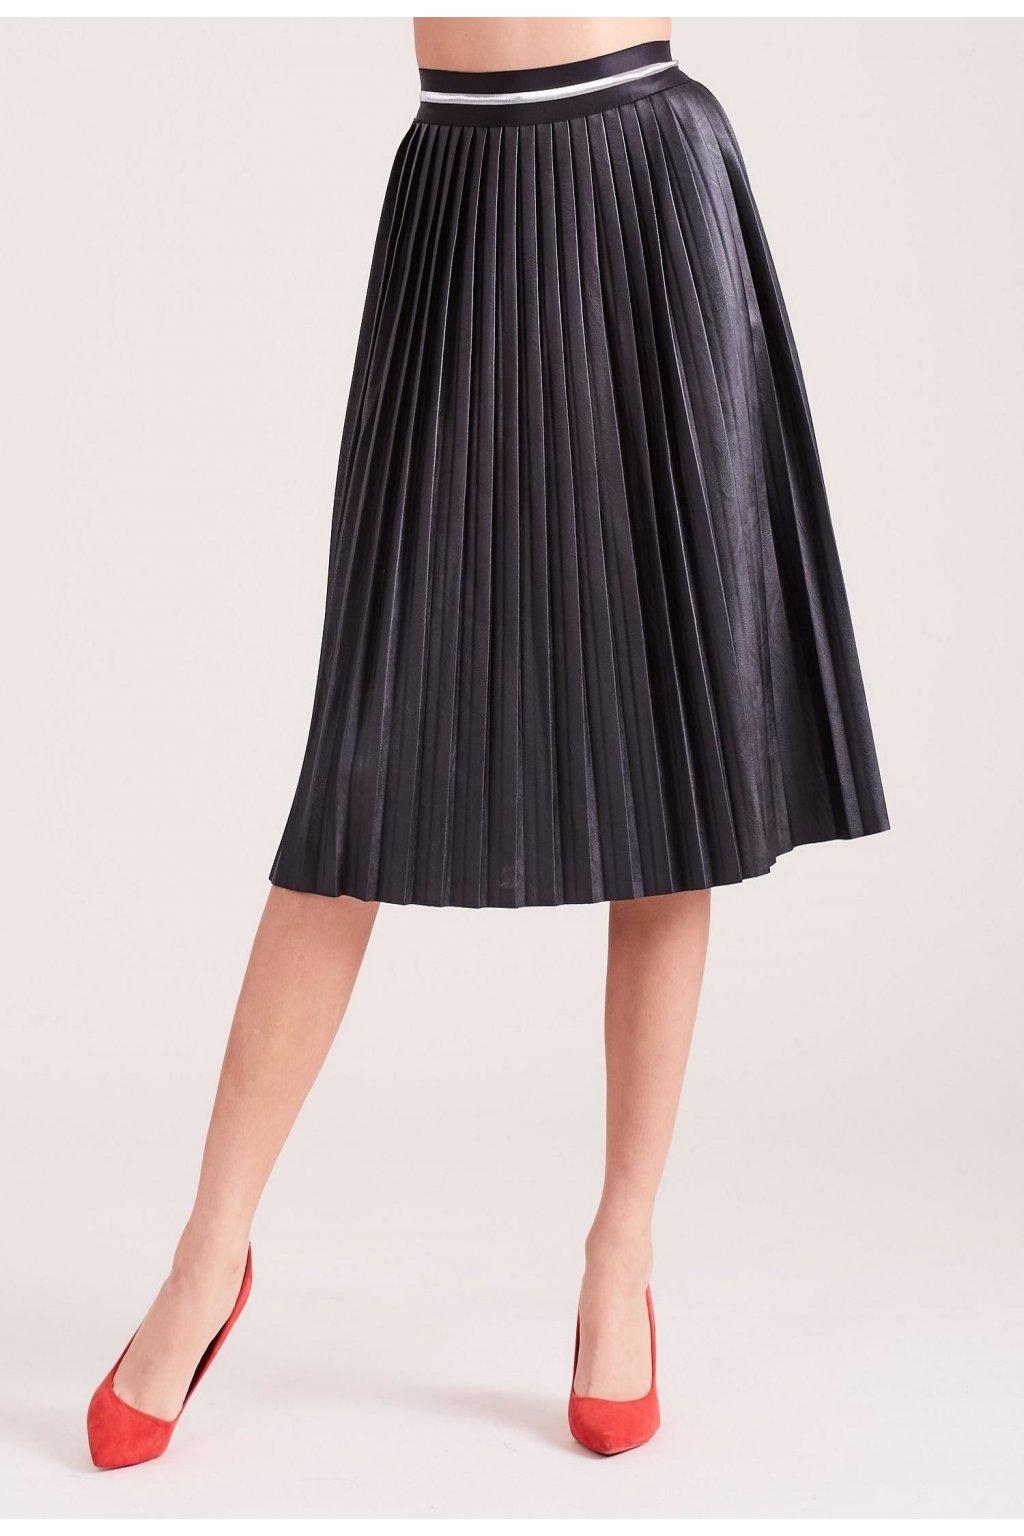 Černá dámská plisovaná sukně